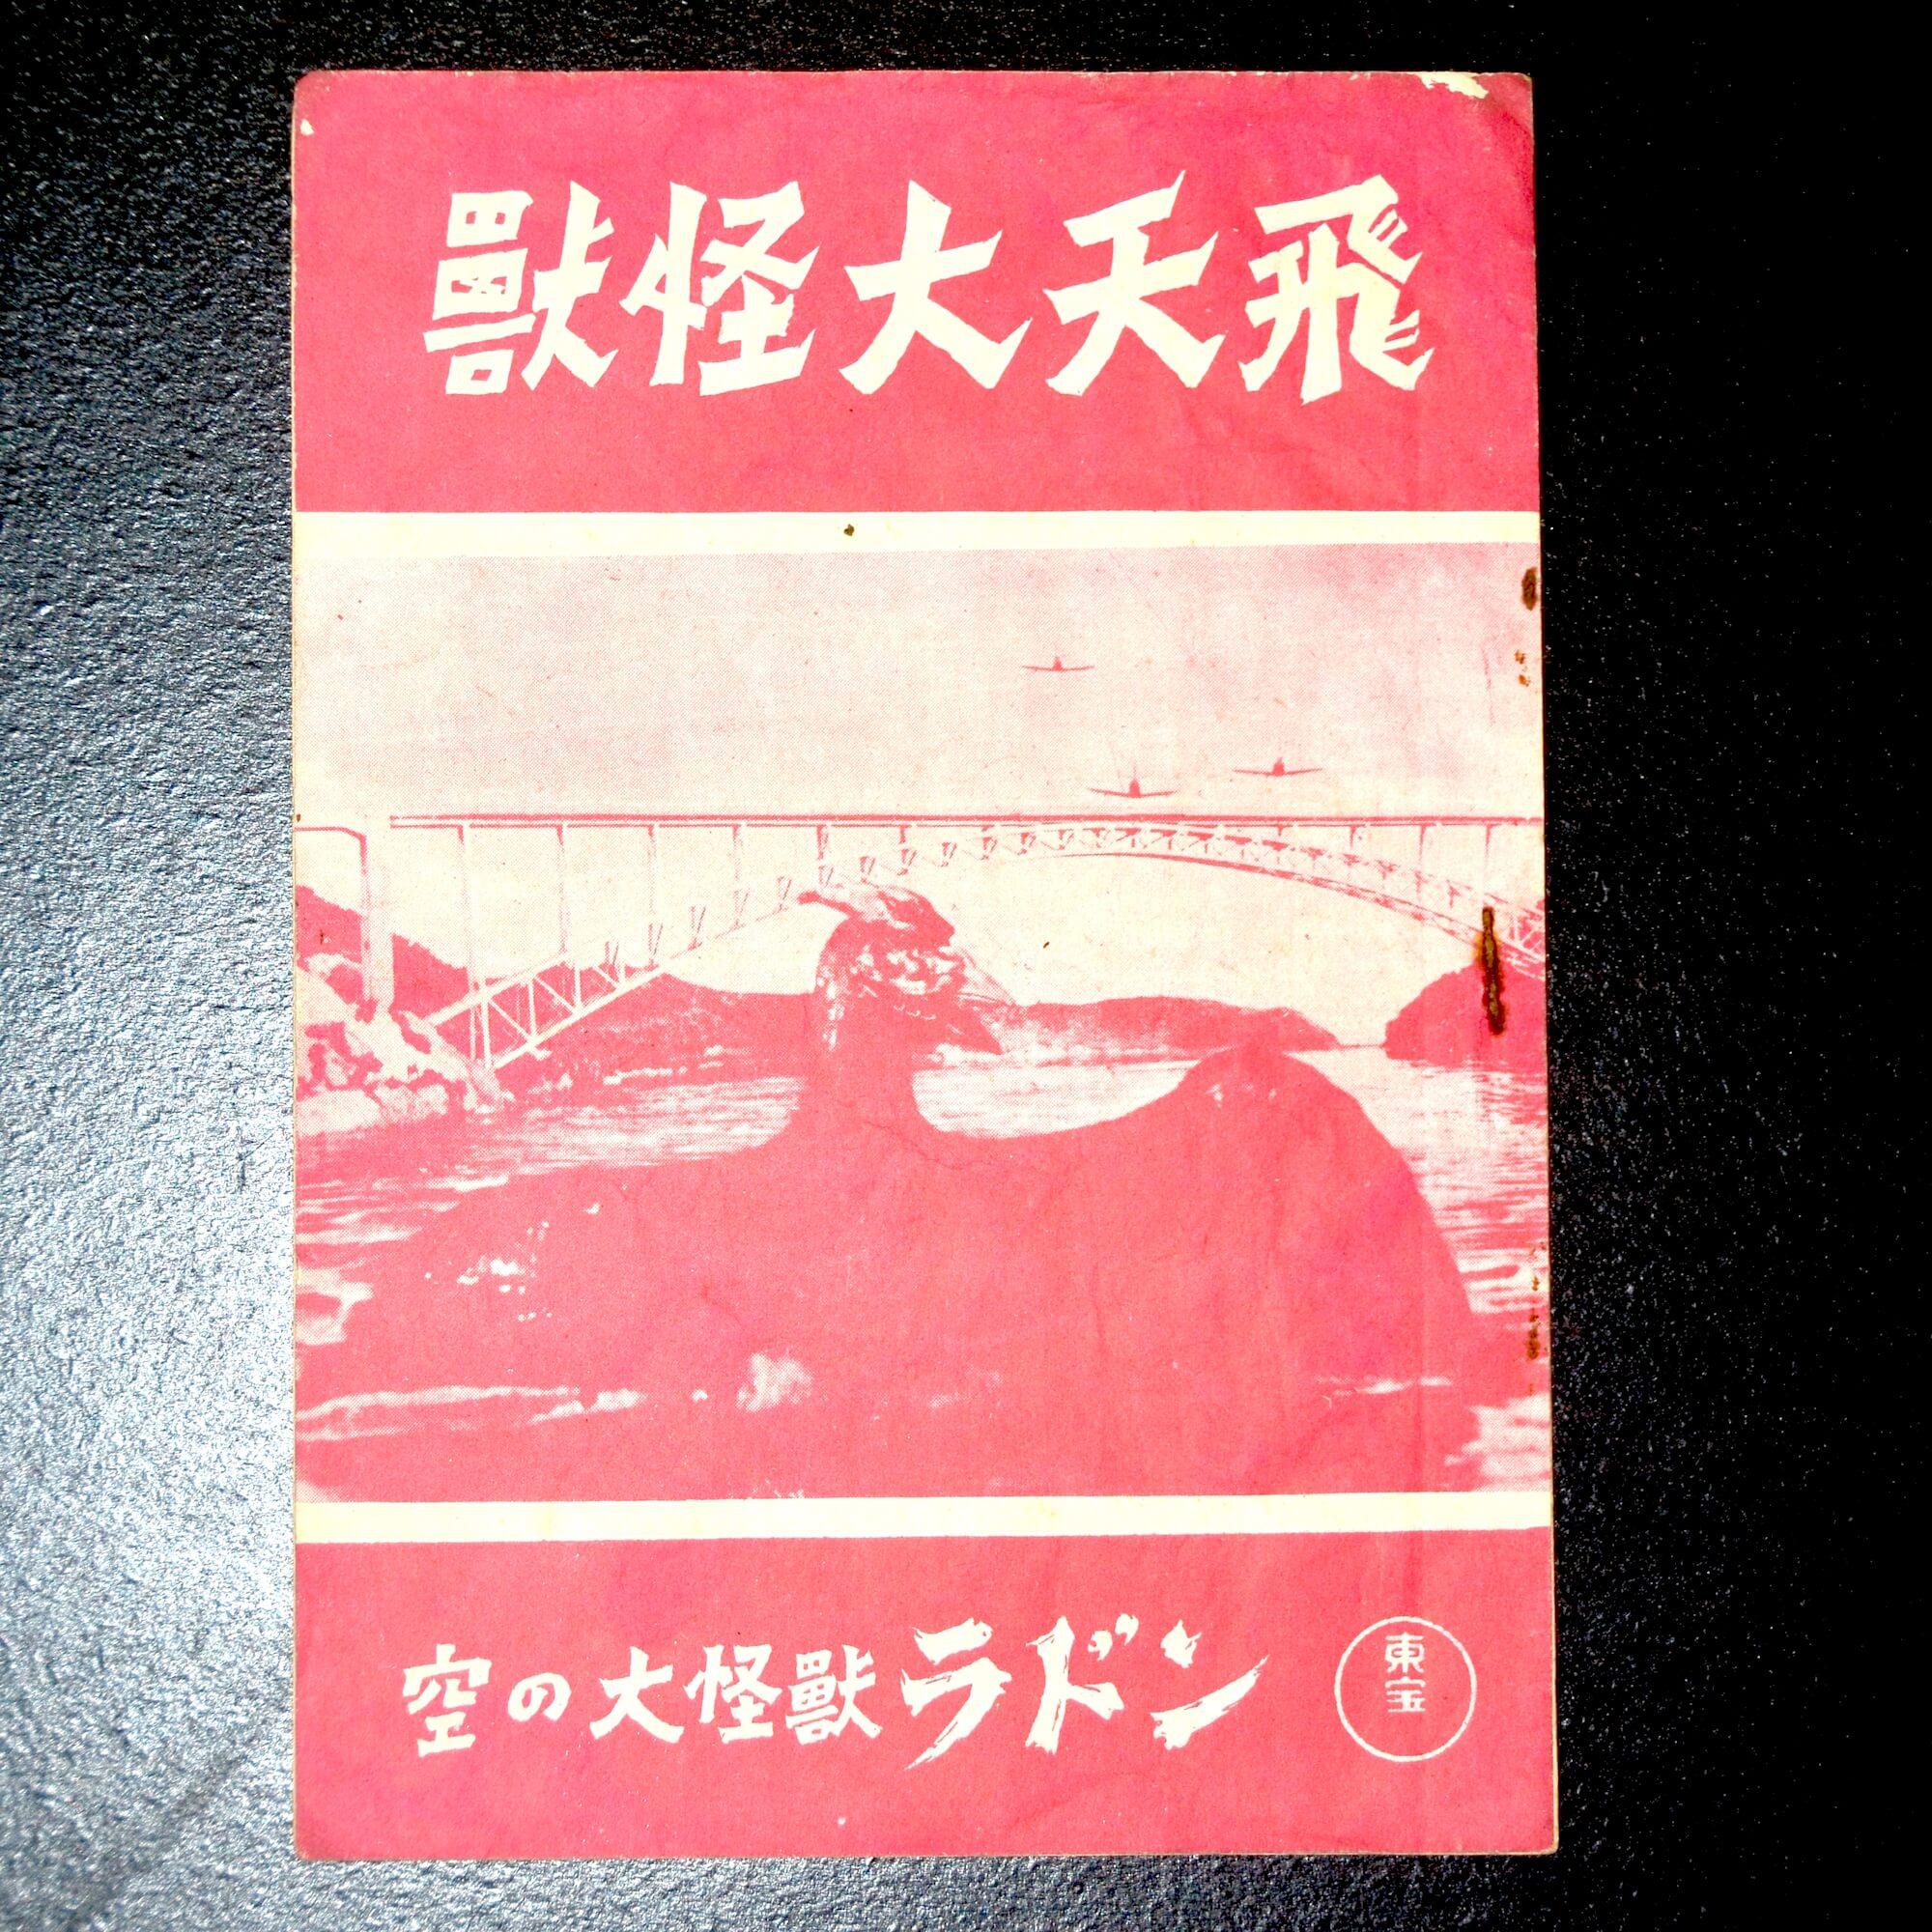 當年的《飛天大怪獸》電影本事小冊子。